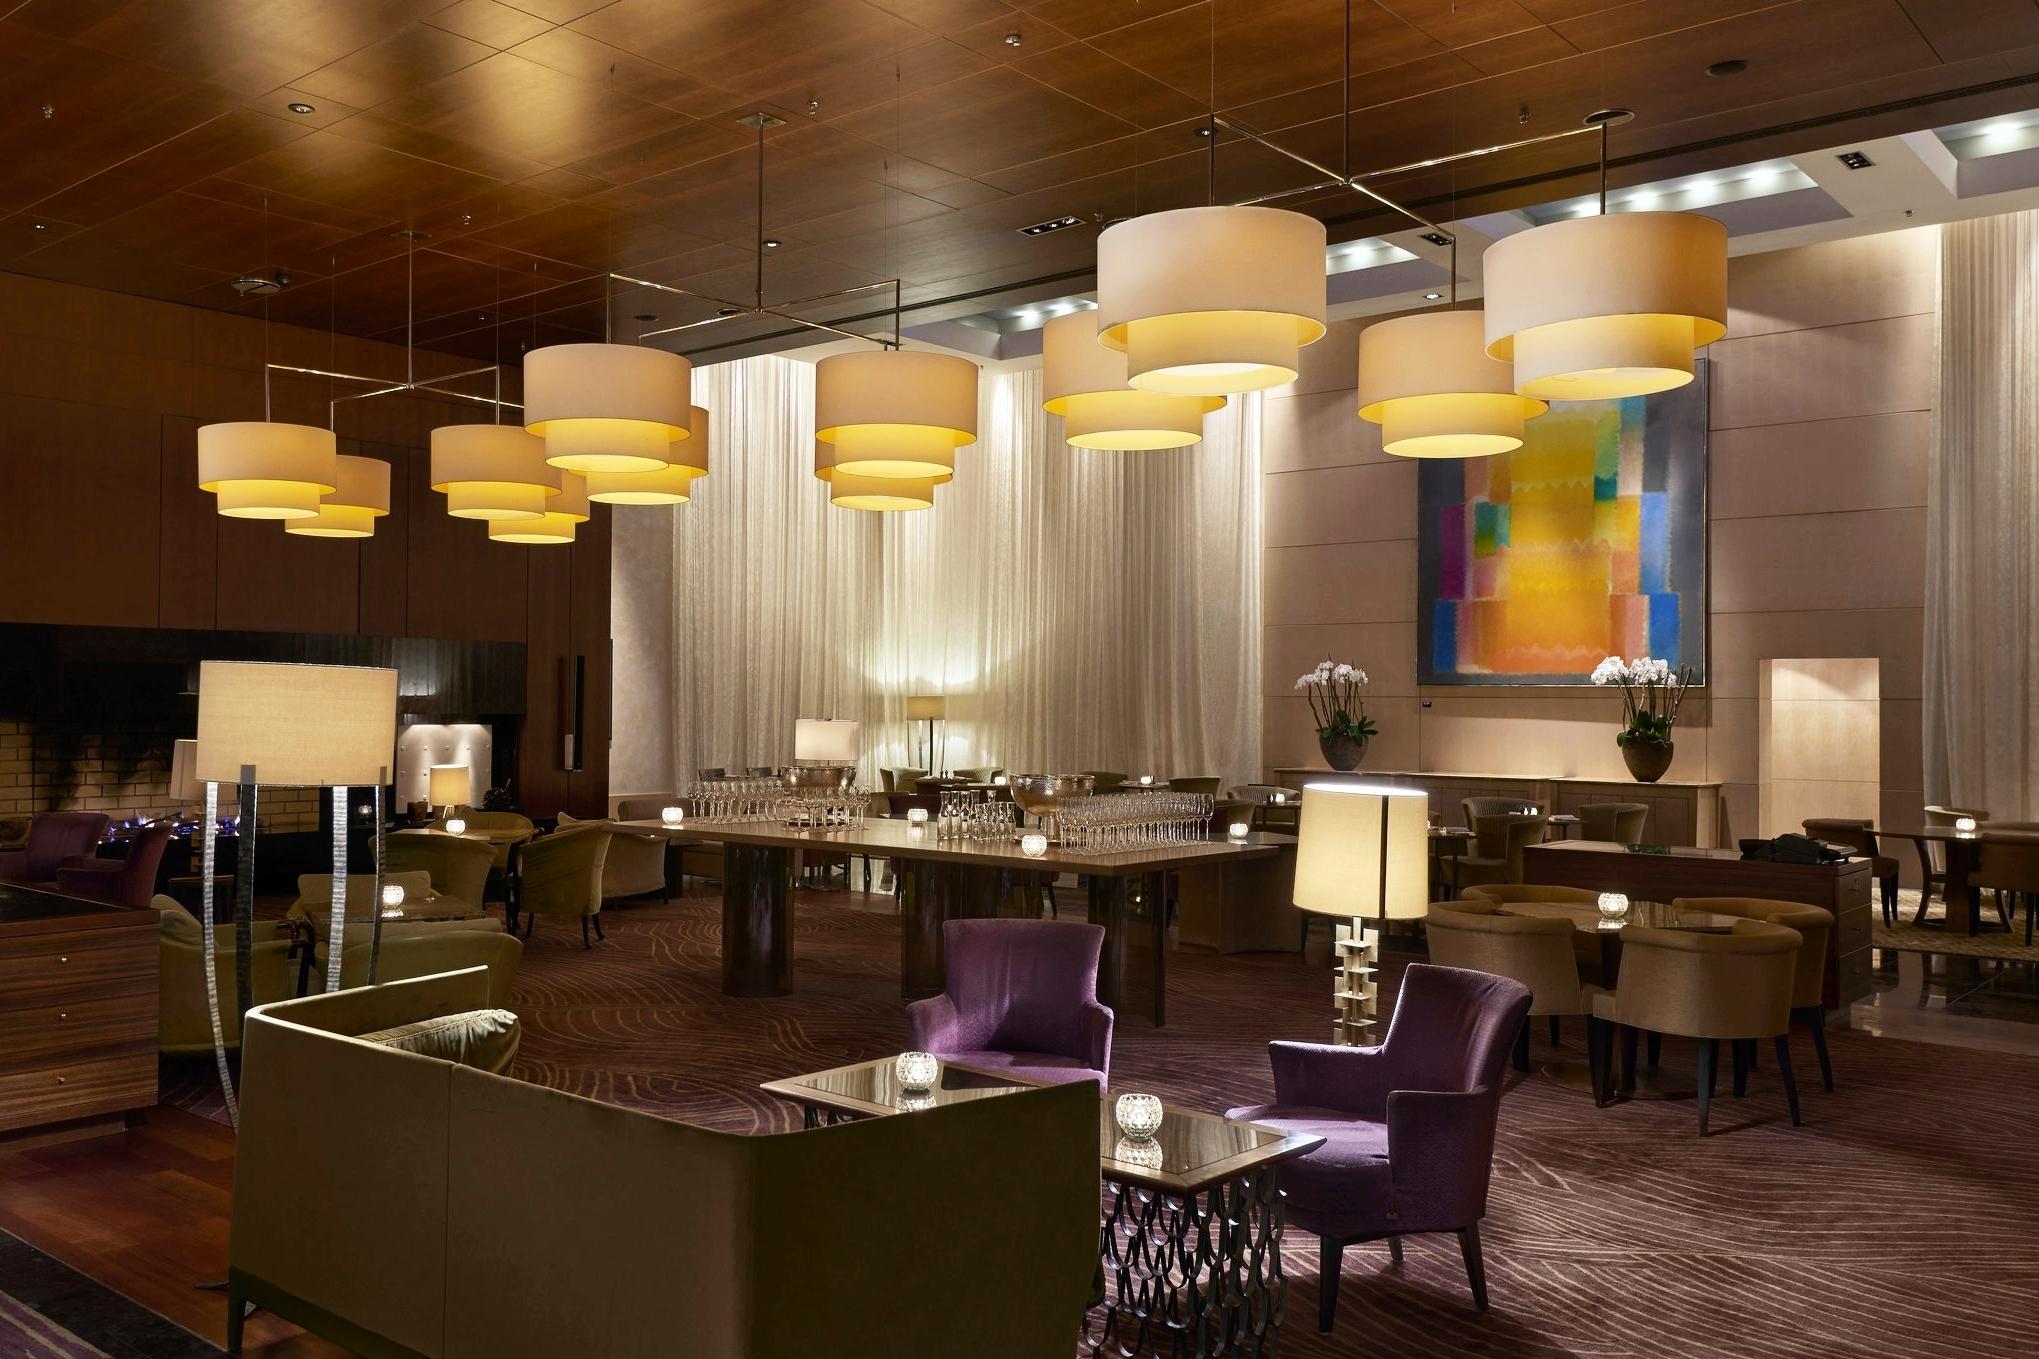 The Lounge - Uno specchio lungo 5 metri, elementi in legno e splendide opere d'arte: un ambiente ideale per rilassarsi dopo una giornata di visite turistiche a Zurigo o per incontri di lavoro.